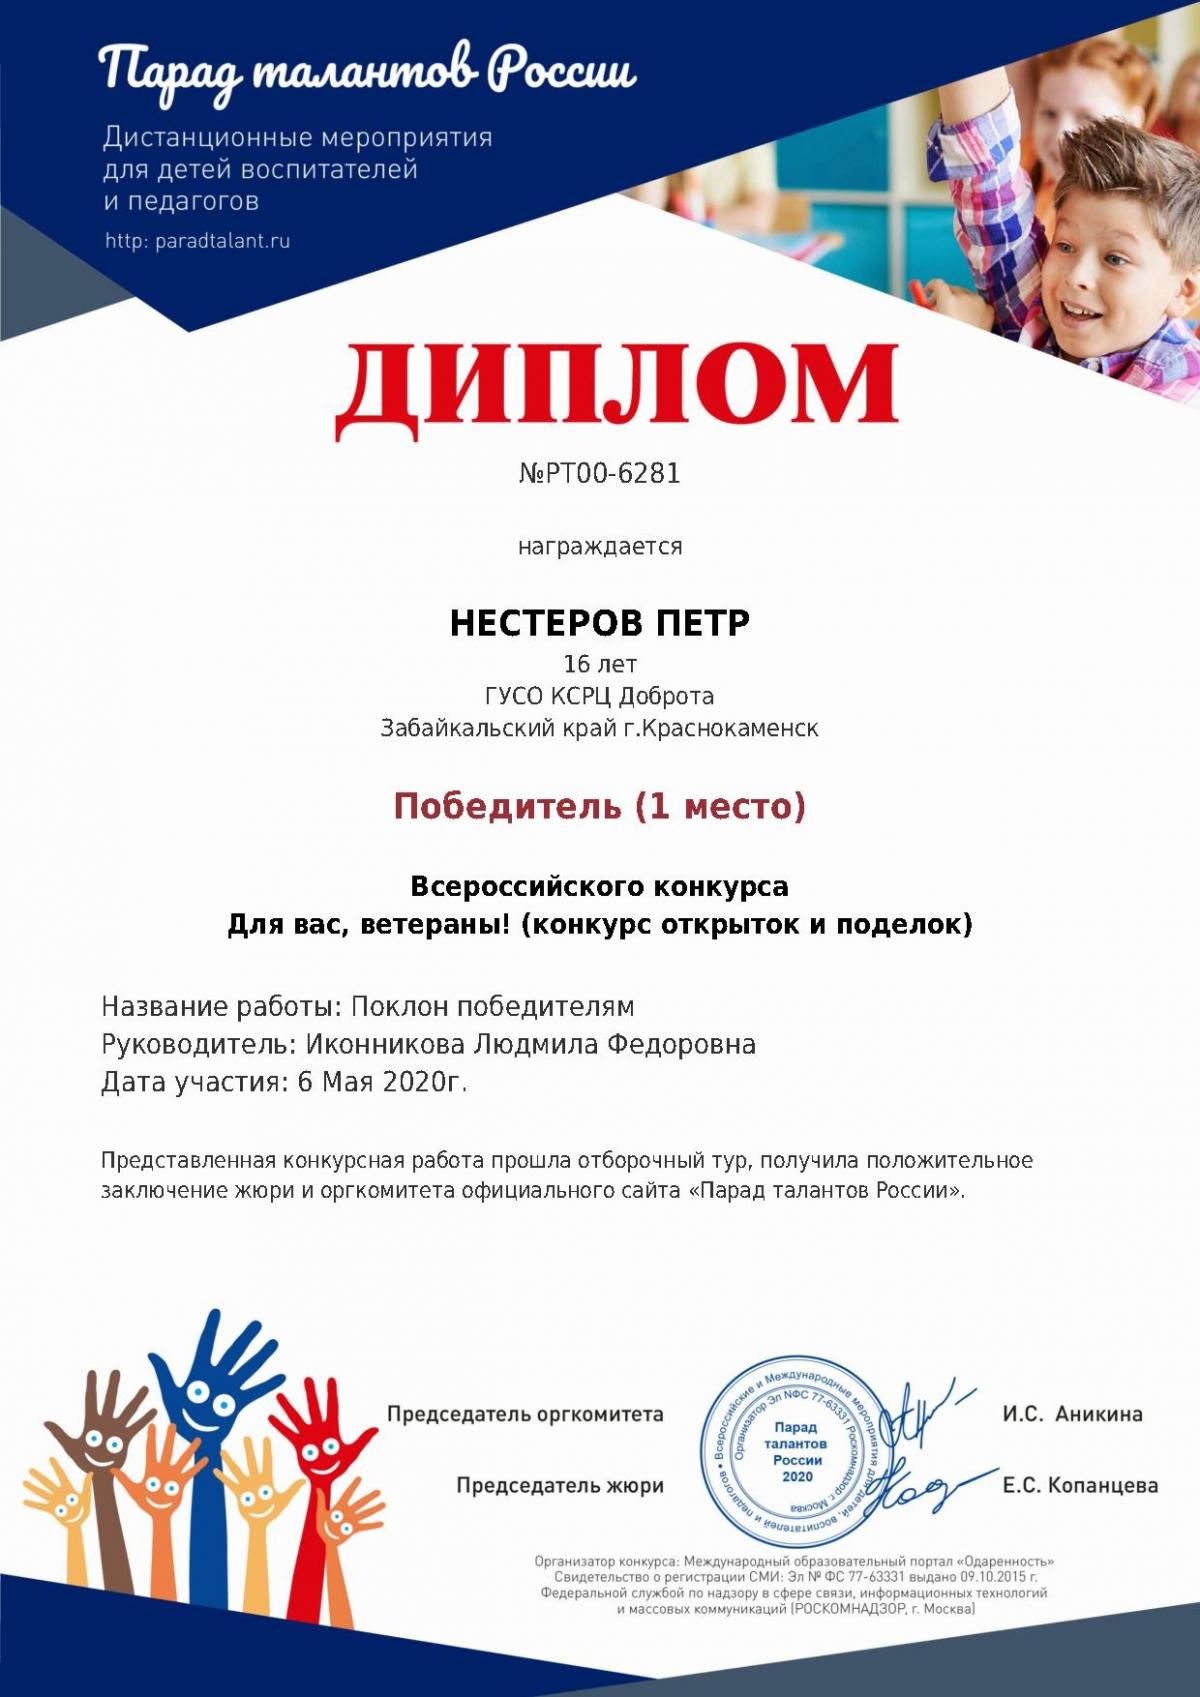 таланты россии официальный сайт международных и всесоюзных конкурсов культурные растения